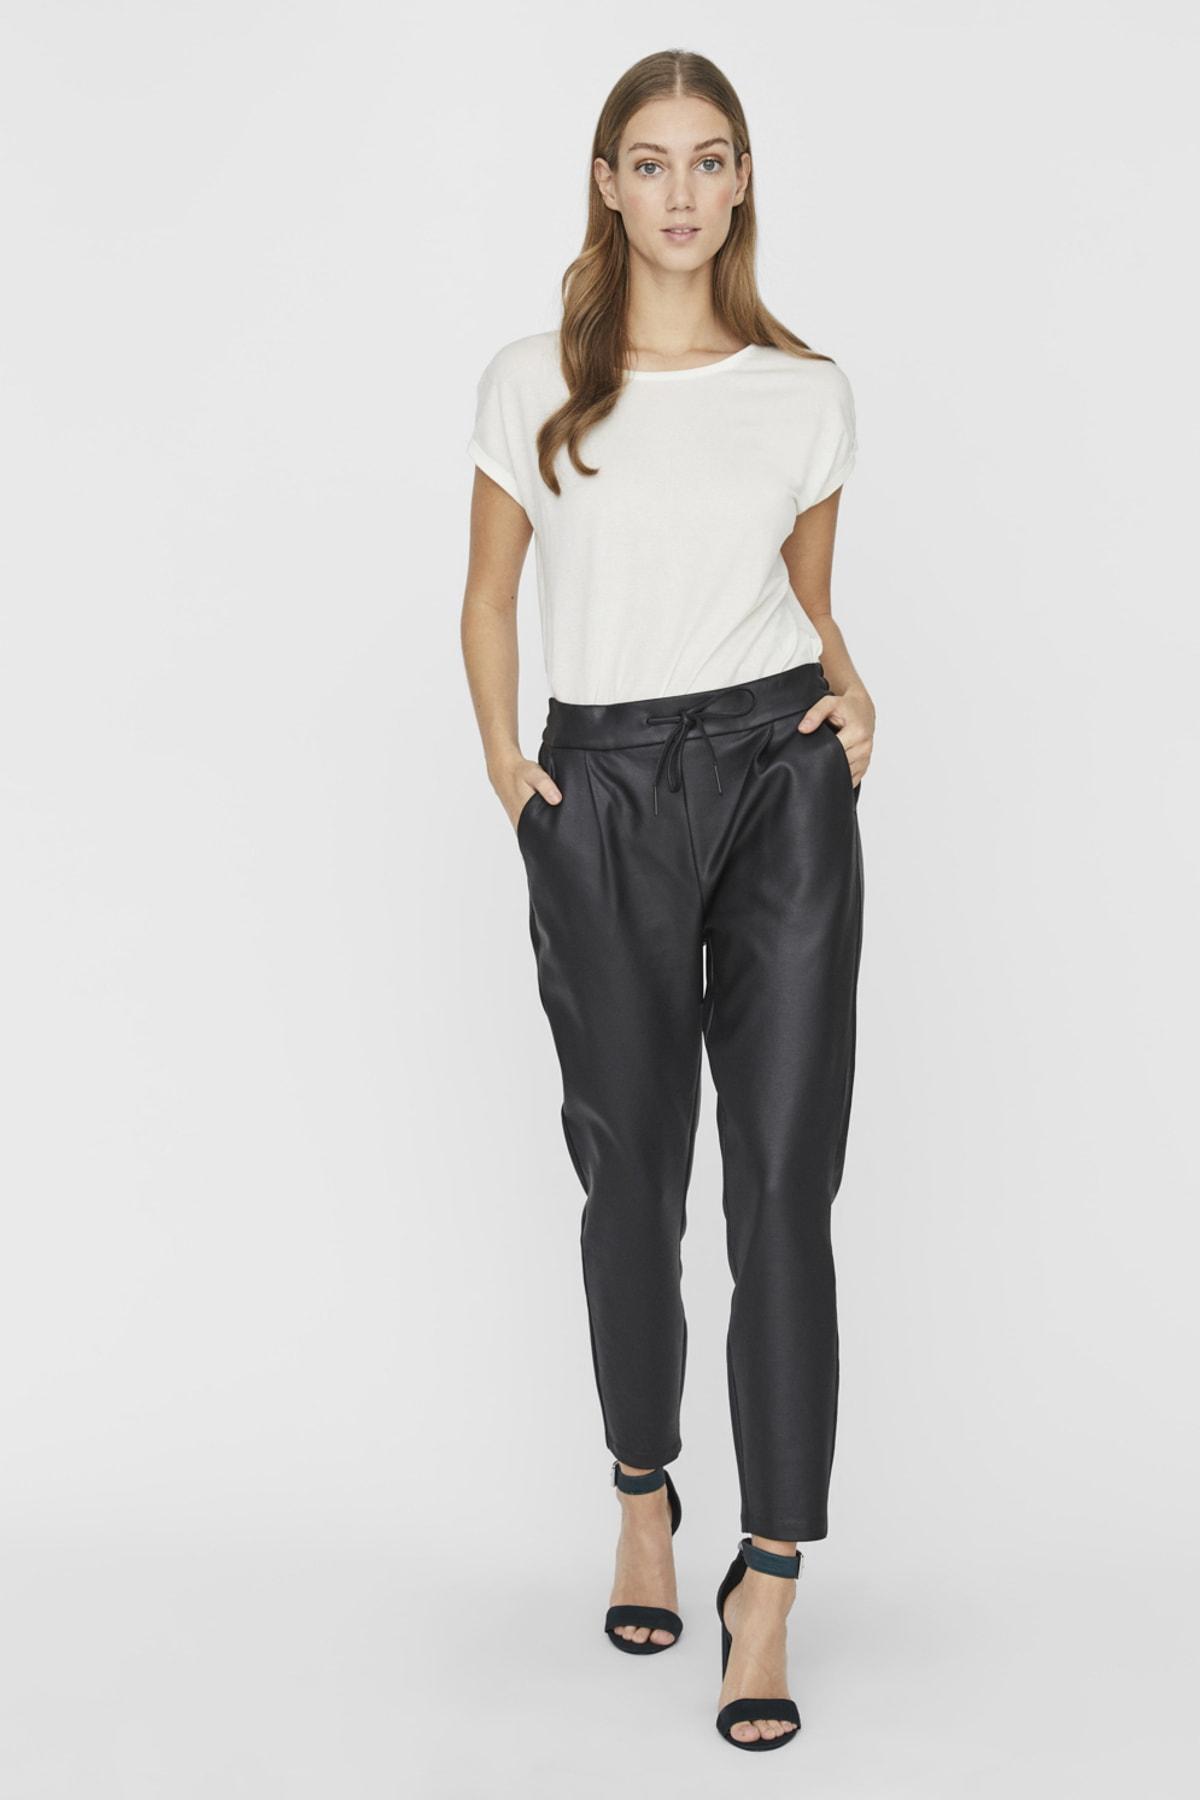 Vero Moda Kadın Siyah Bağlamalı Kaplama Pantolon 10205737 VMEVA 1